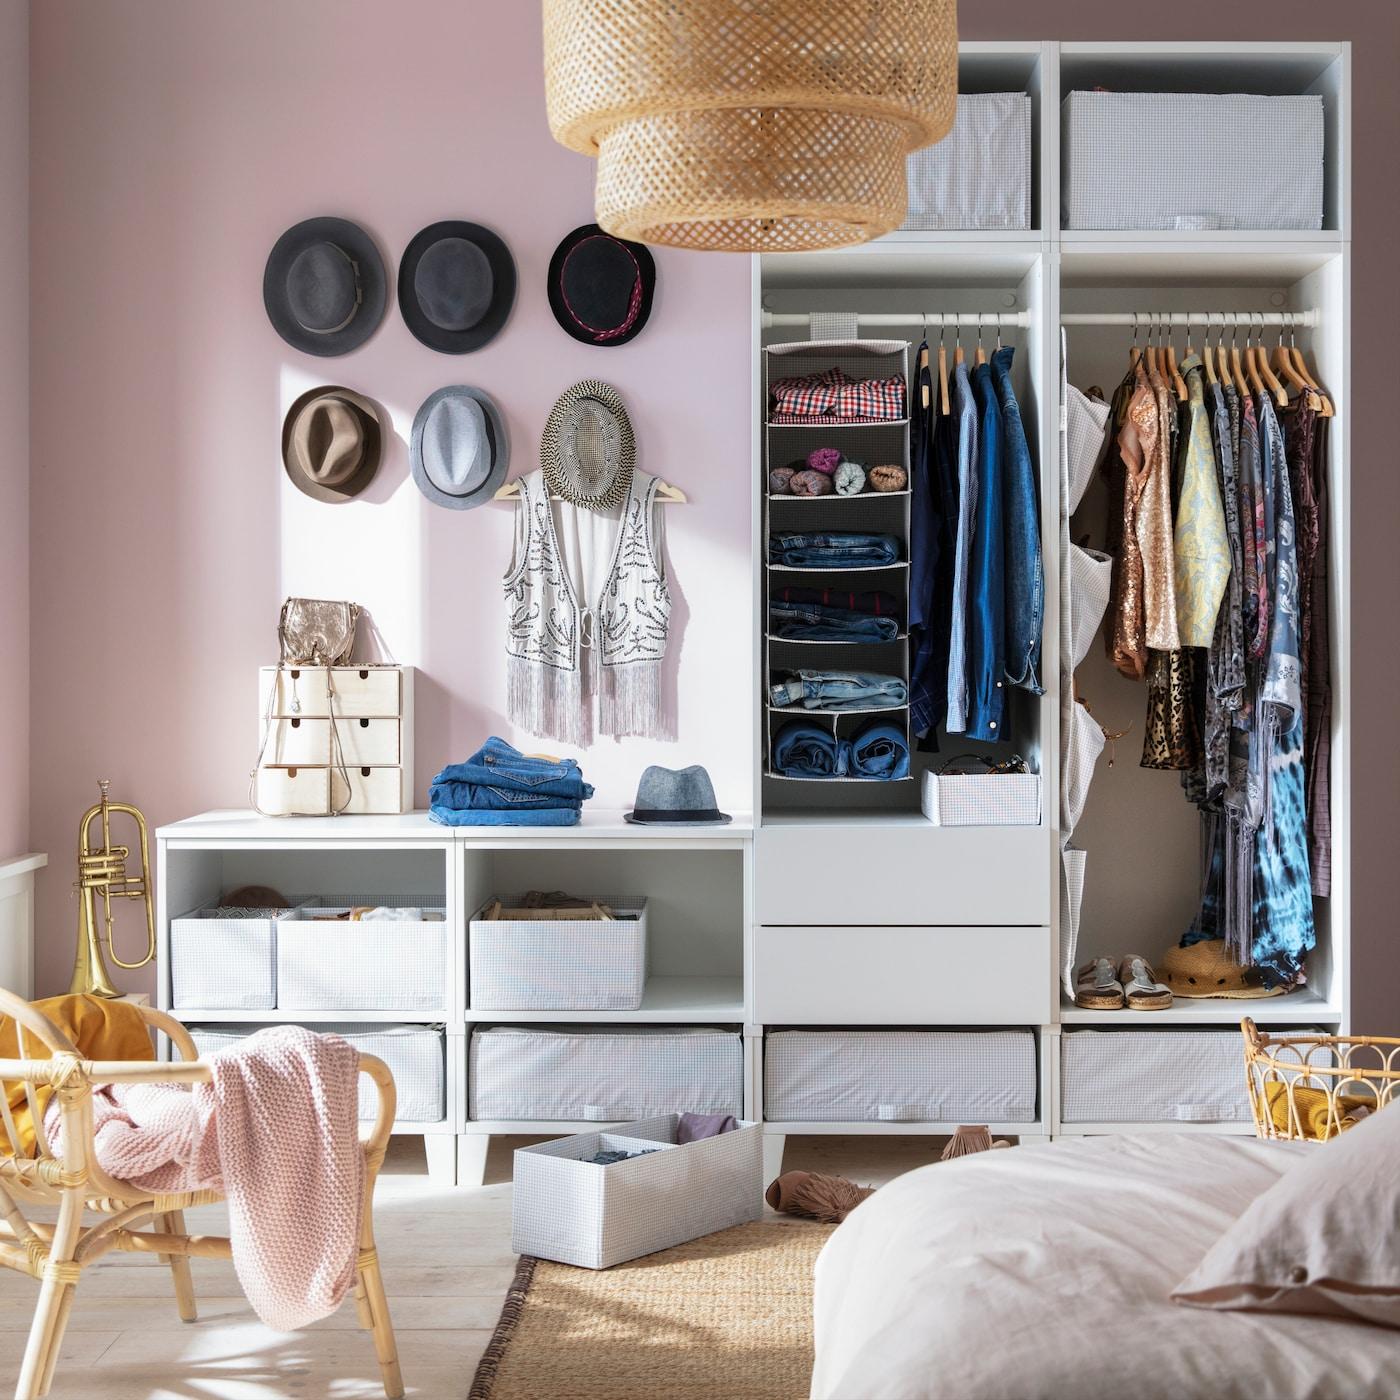 SKUBB und STUK Aufbewahrungssysteme für deinen Kleiderkasten